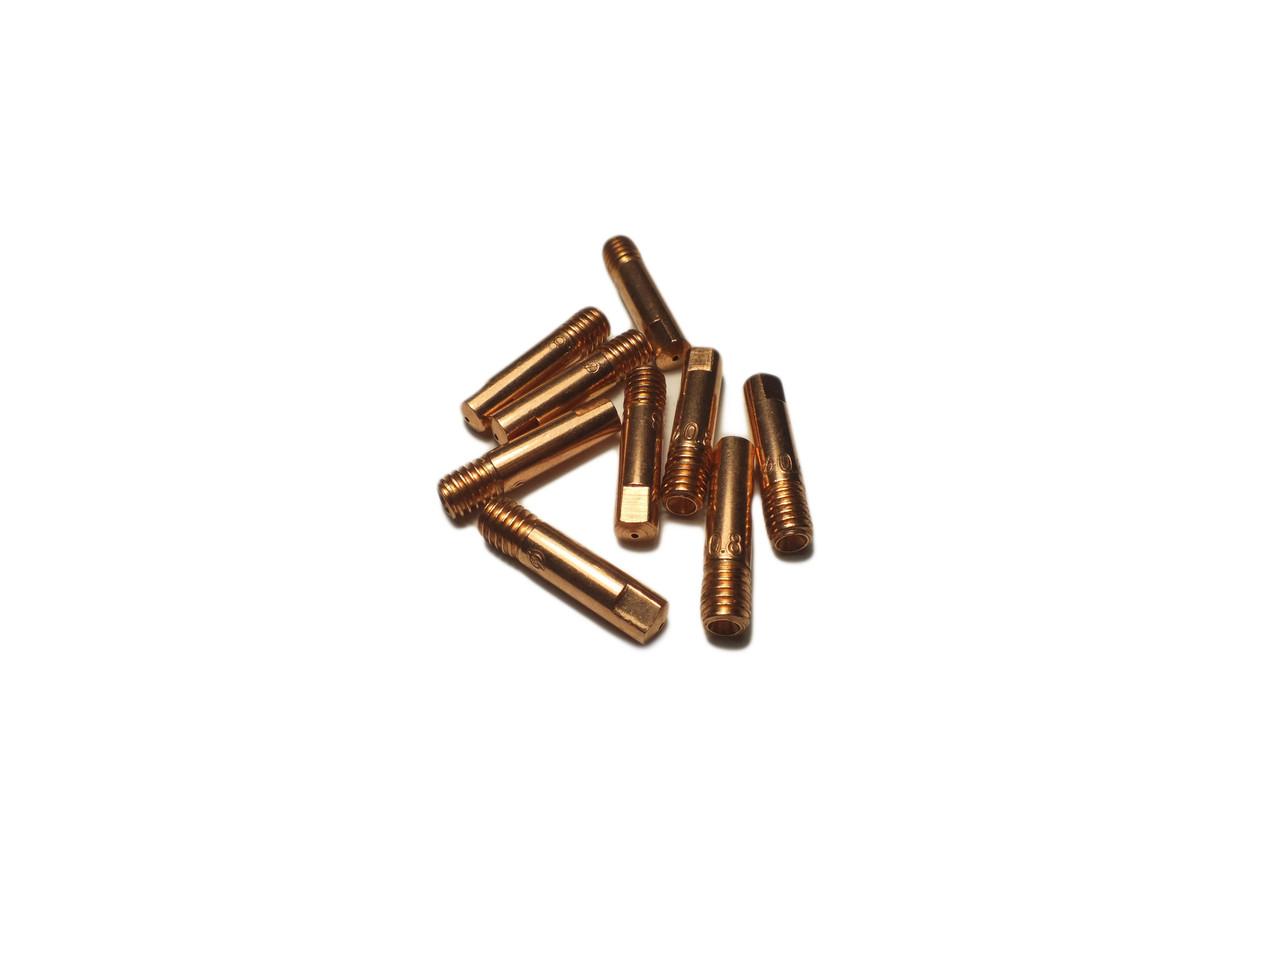 Токос'емноє наконечник для зварювальних напівавтоматів E-Cu ф0,8;1.0;1.2/М6/25